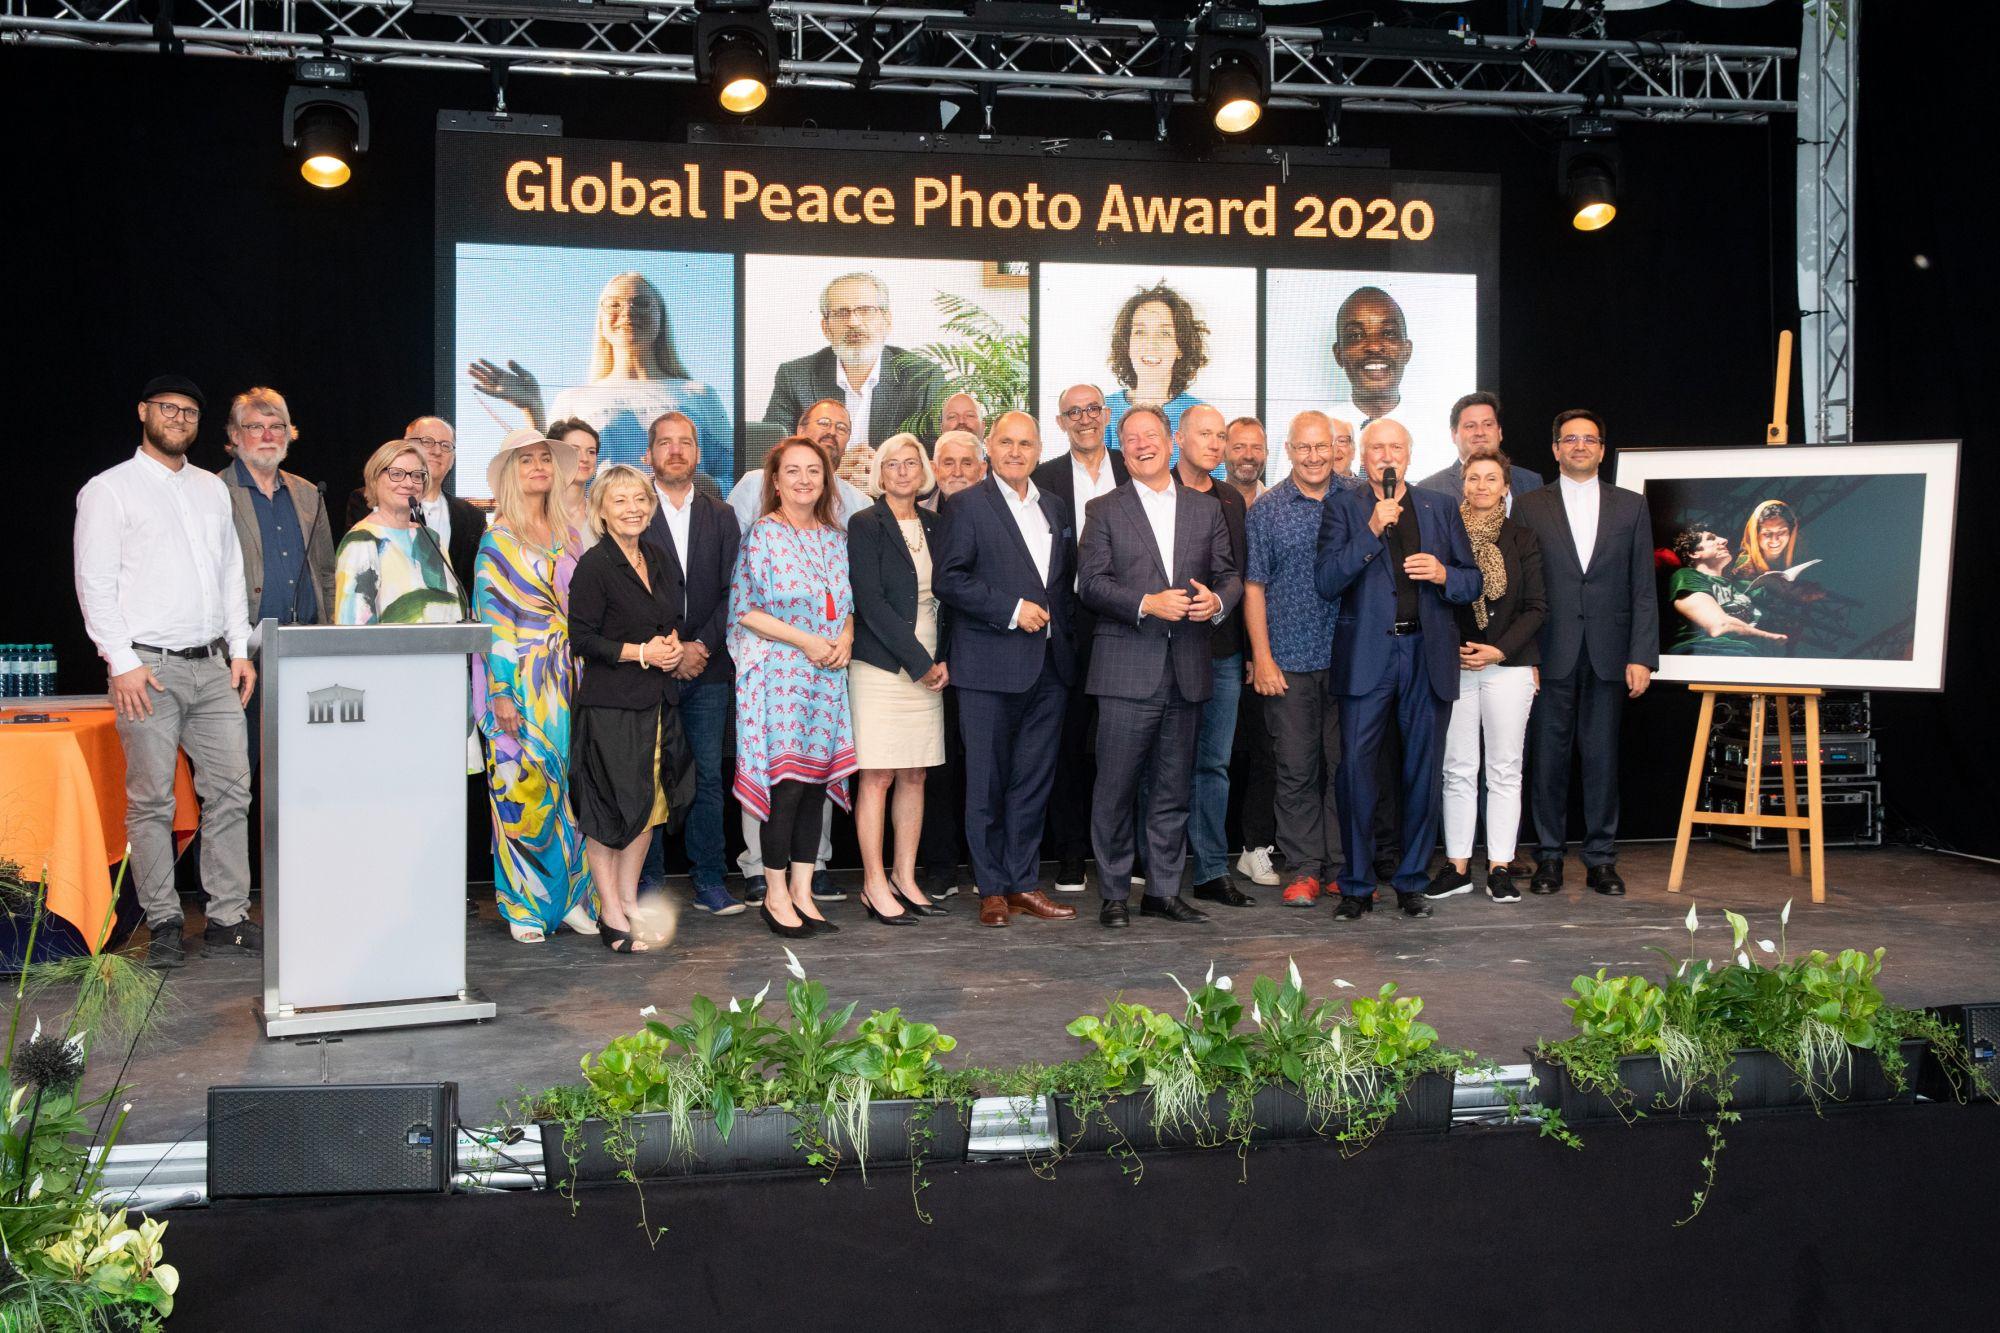 Global_Peace_Photo_Award_2020 Preisverleihung-RAUCHENBERGER_N08A3765